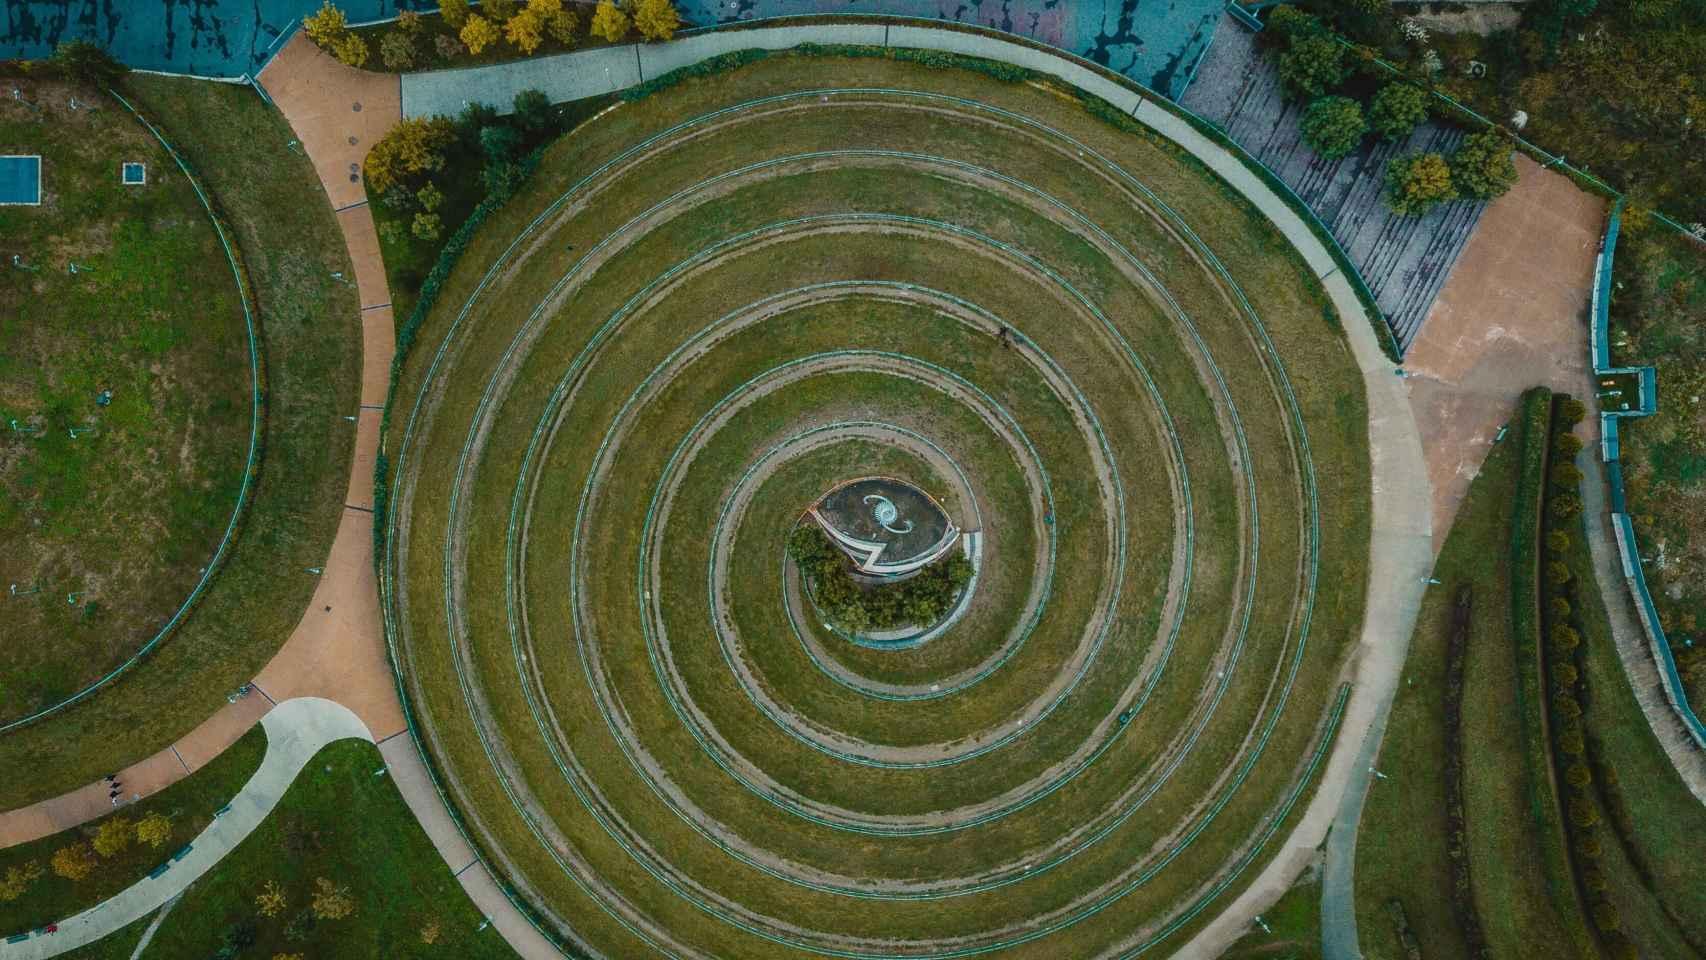 La economía circular buscará ser un punto de unión para la colaboración entre empresas.